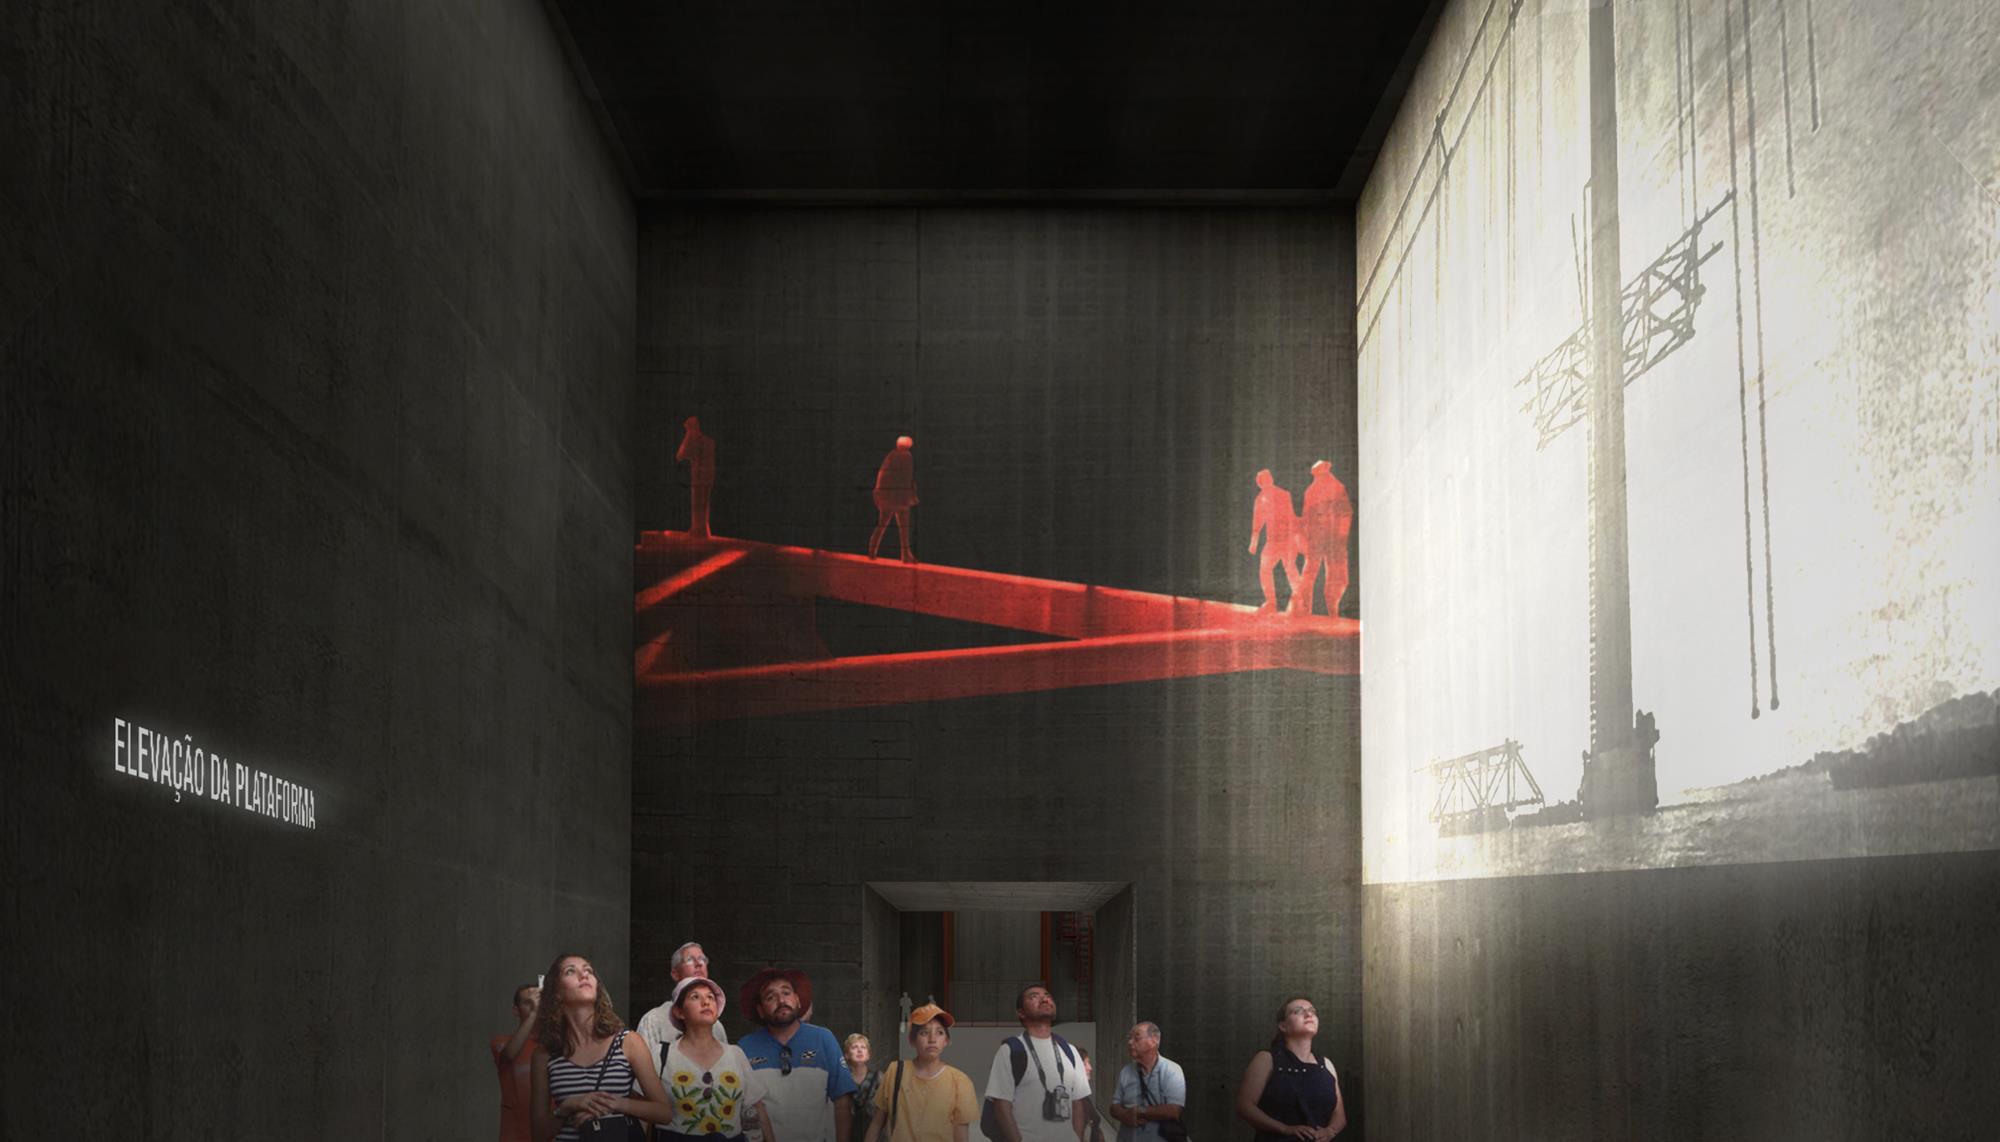 Centro Interpretativo da Ponte 25 Abril_ ©Imagens Projeto P-06 Atelier